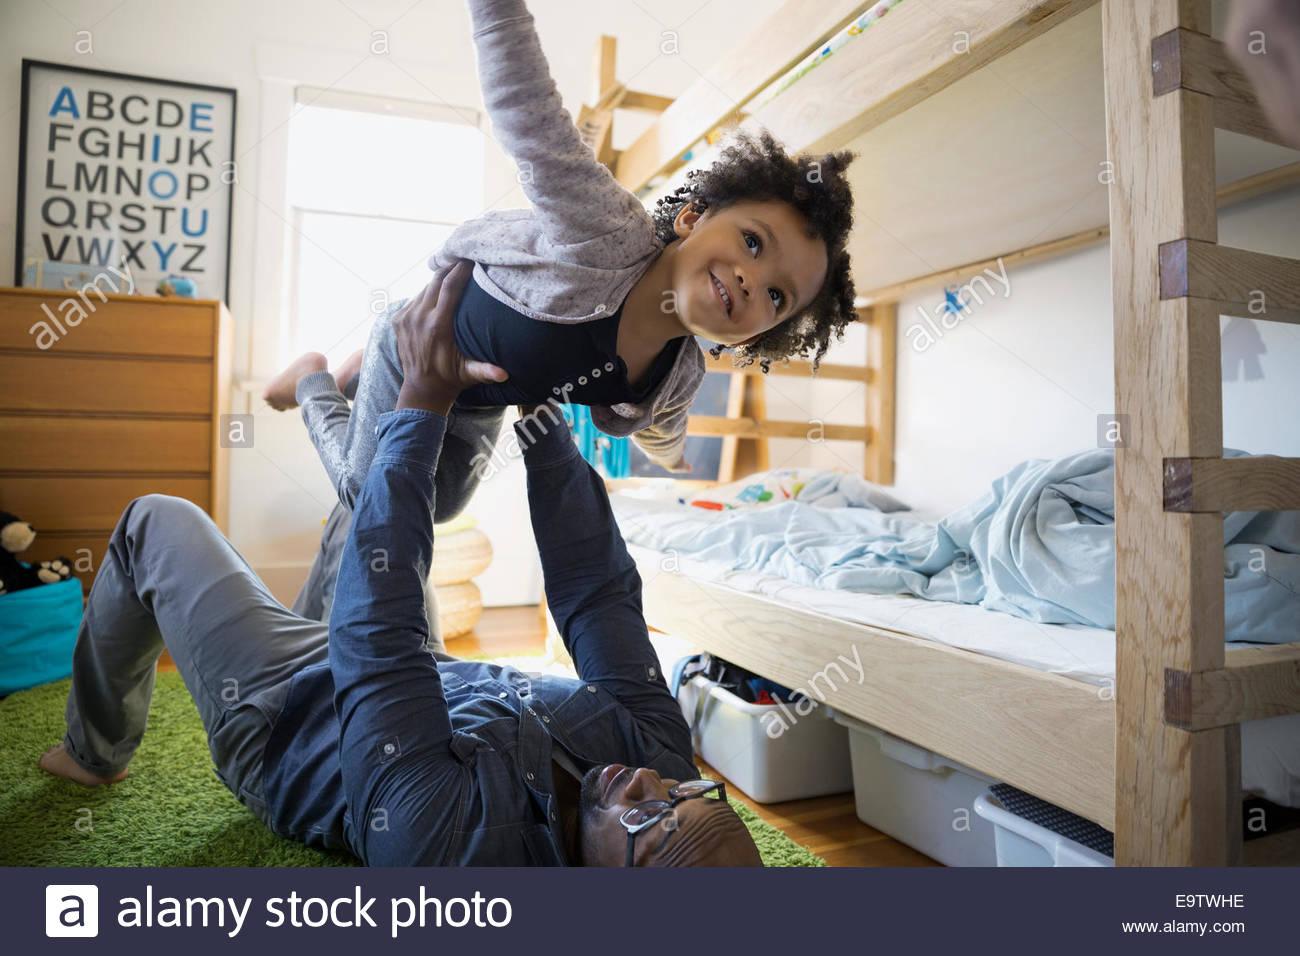 Levage père battant sa fille dans la chambre Photo Stock